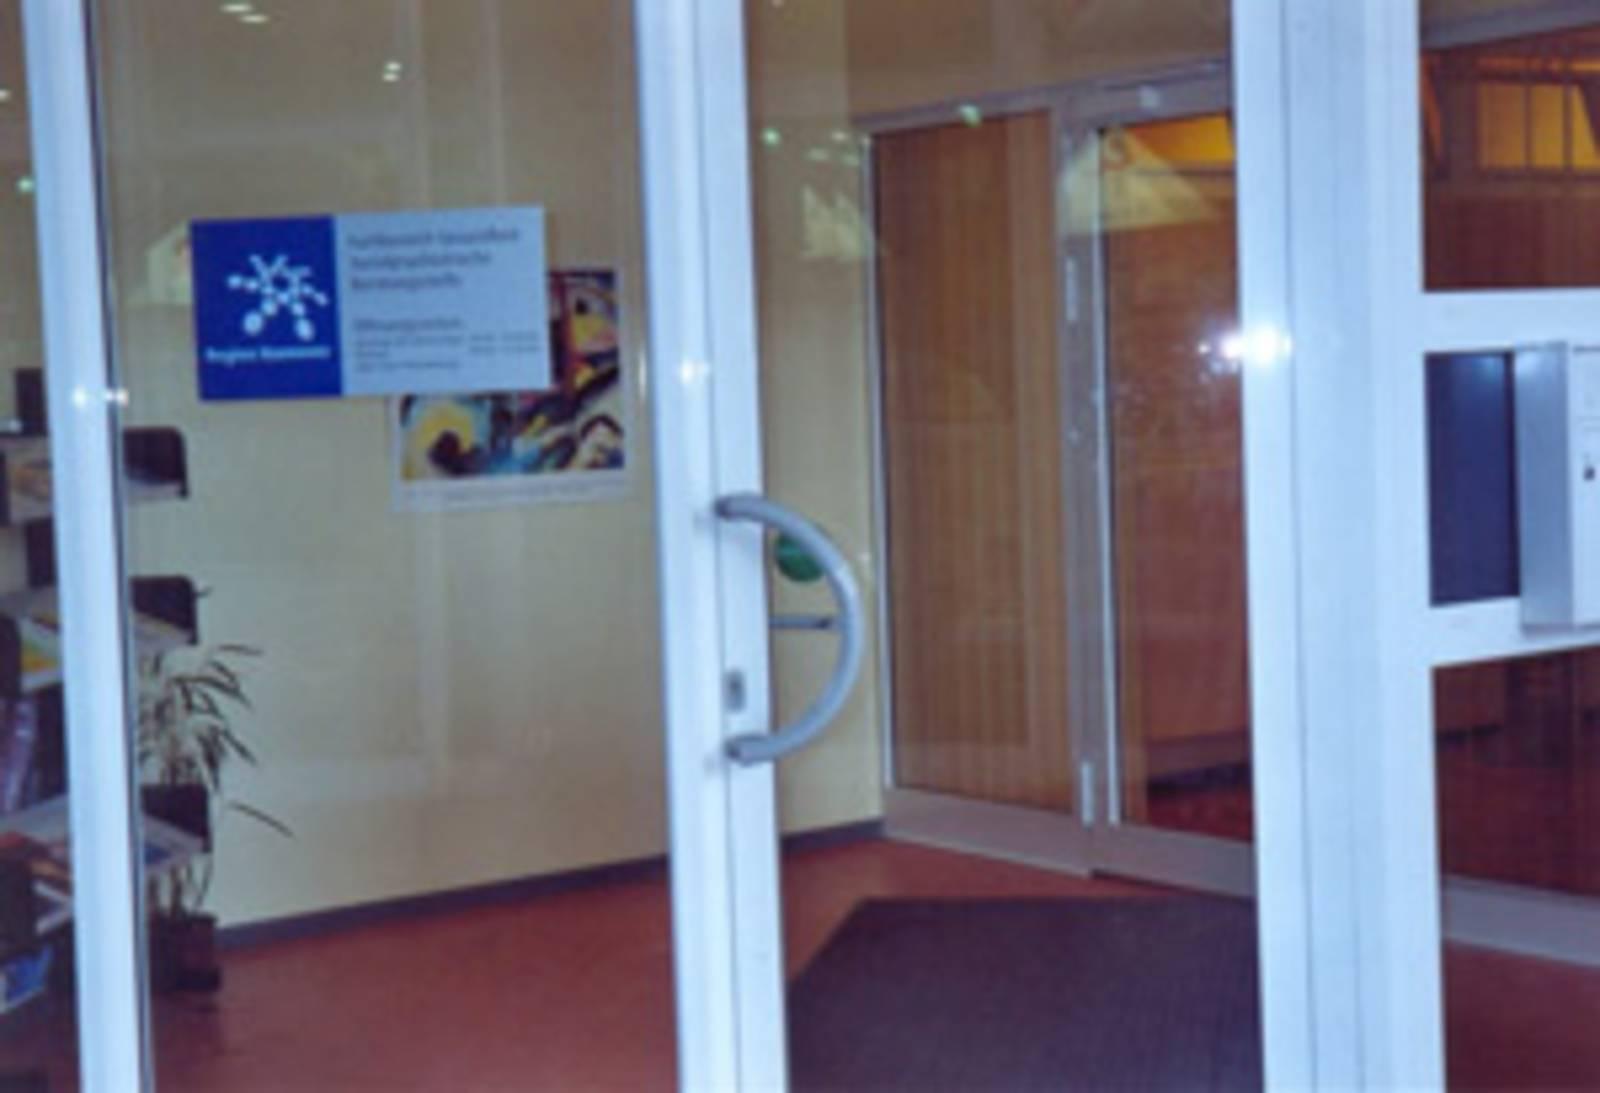 Eingang aus Glastüren mit weißem Rahmen und Türgriff, durch die Glasfront sieht man die dahinter liegenden Räume